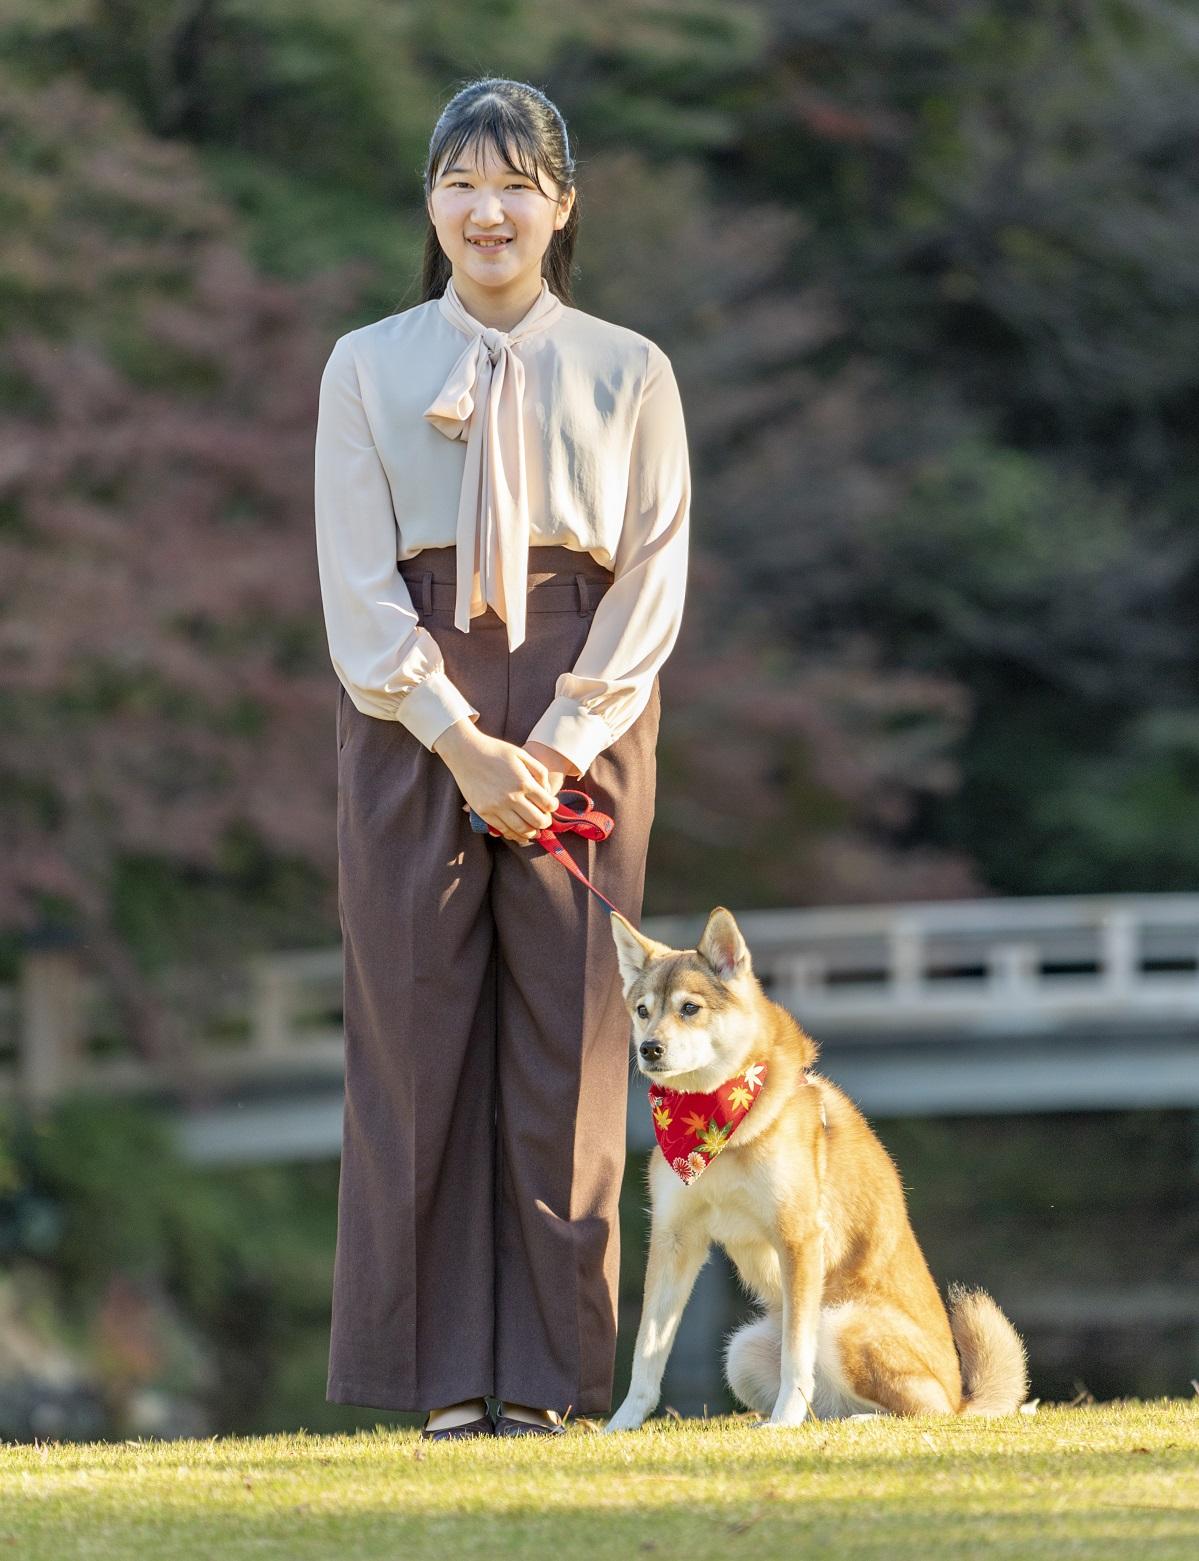 愛犬「由莉(ゆ・り)」と共に散歩する愛子さま=2020年11月22日午後、赤坂御用地、宮内庁提供